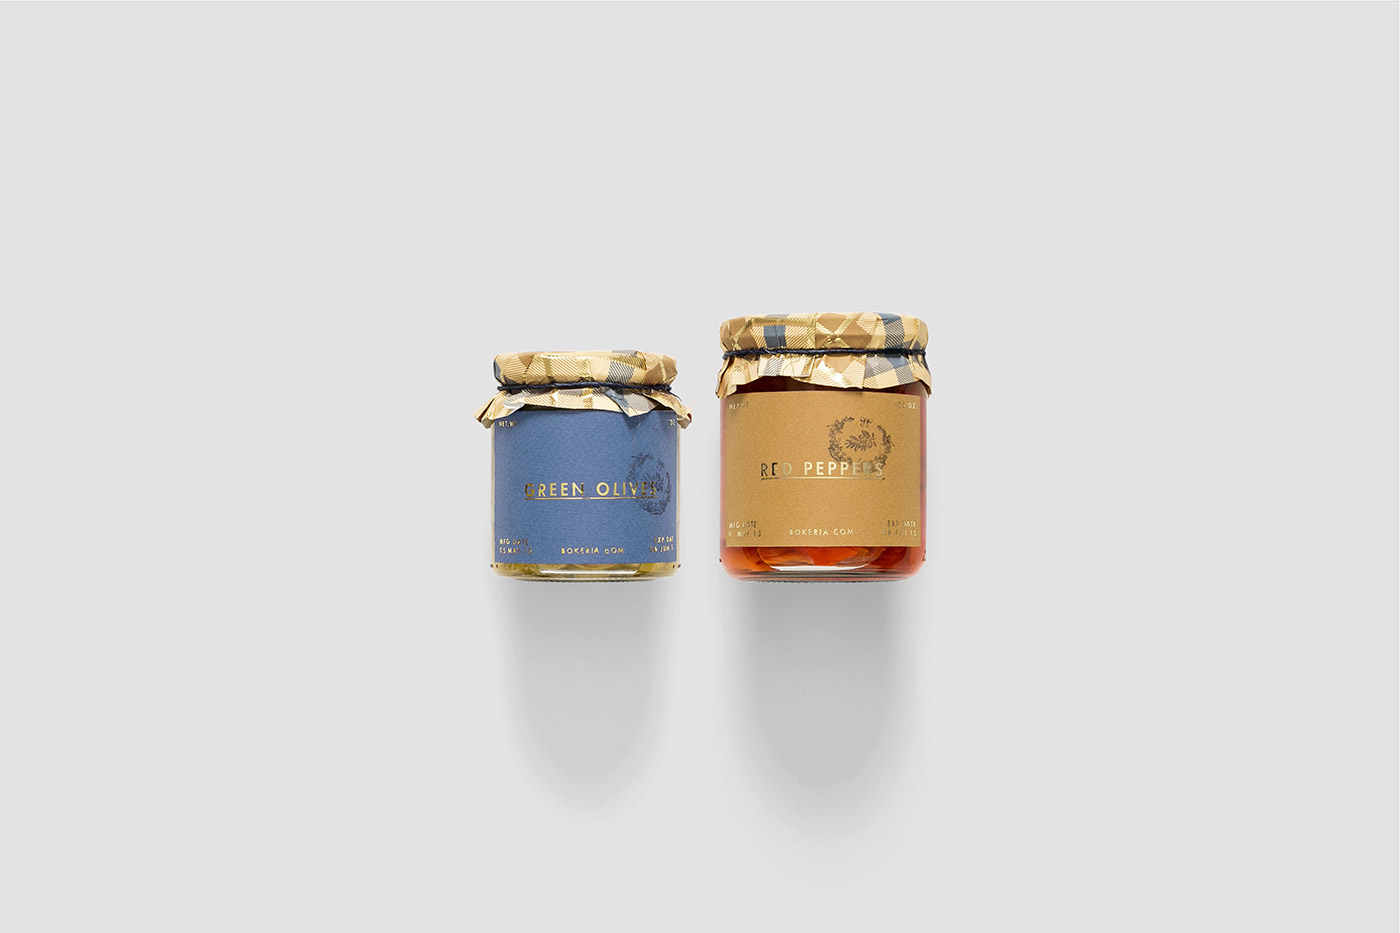 We Love Labels - Branding & Packaging Design by Anagrama Studio